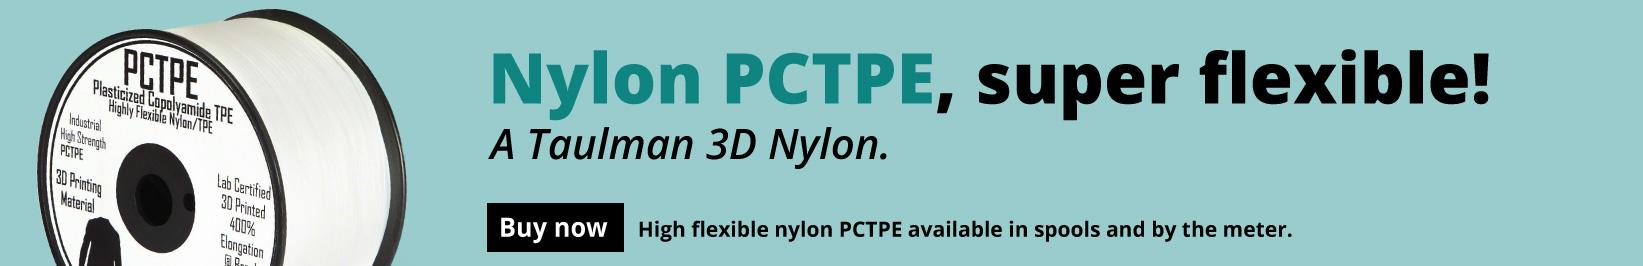 PCTPE Nylon flexible 3d filament by Taulman